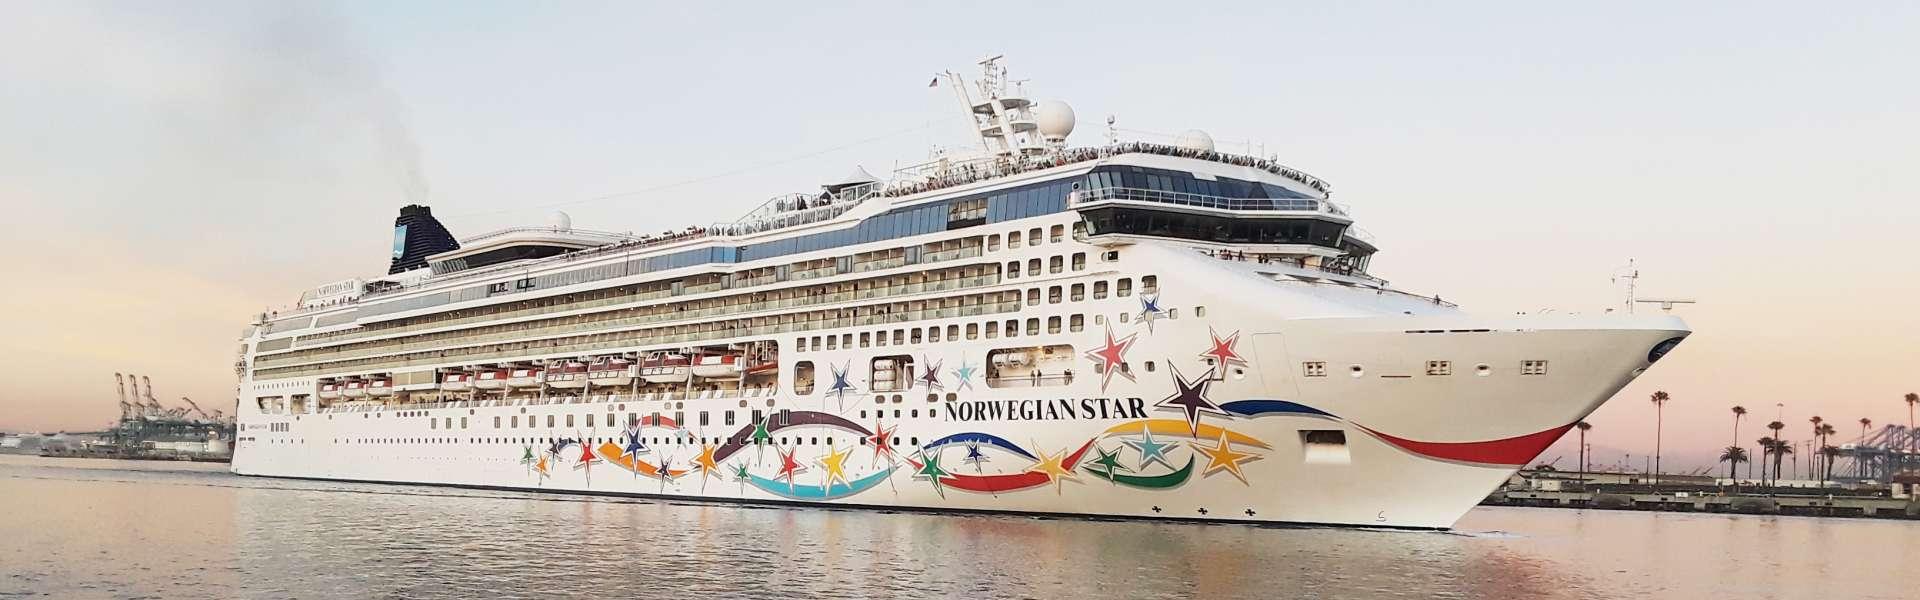 Croaziera 2019 - Mediterana de Est (Venetia) - Norwegian Cruise Line - Norwegian Star - 7 nopti